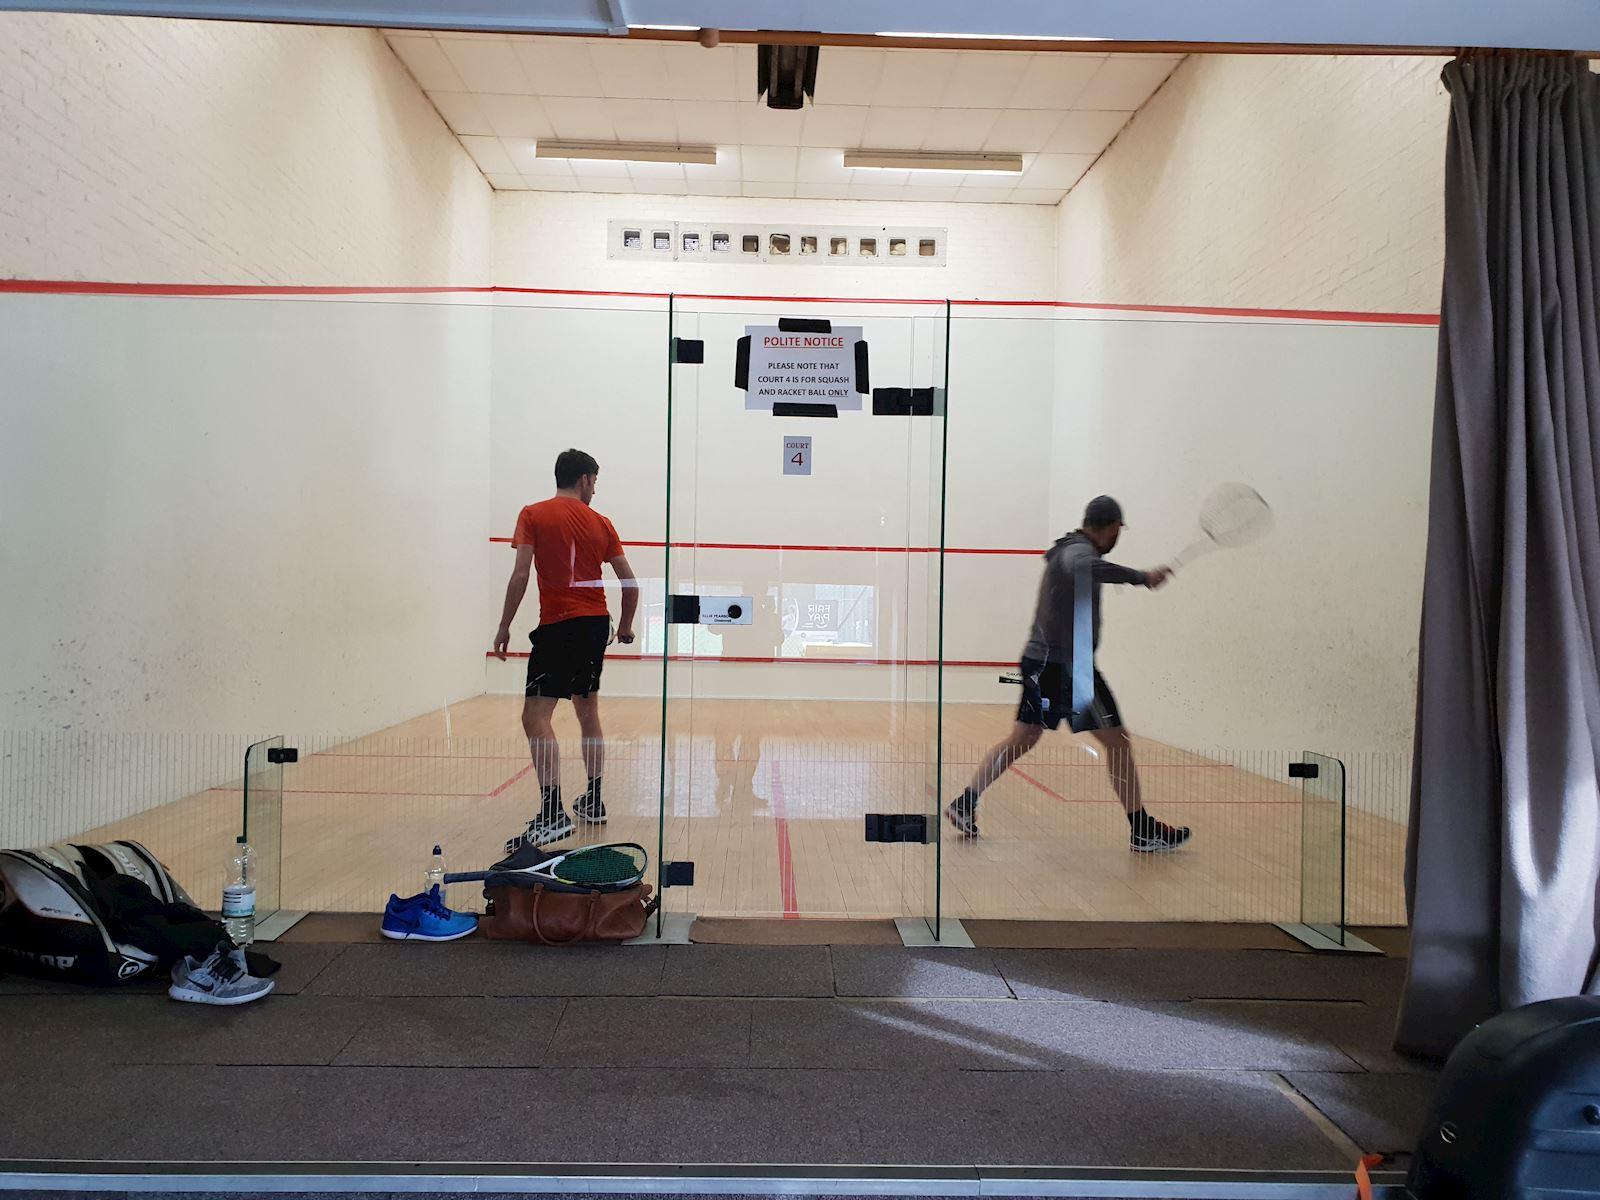 Squash courts 1